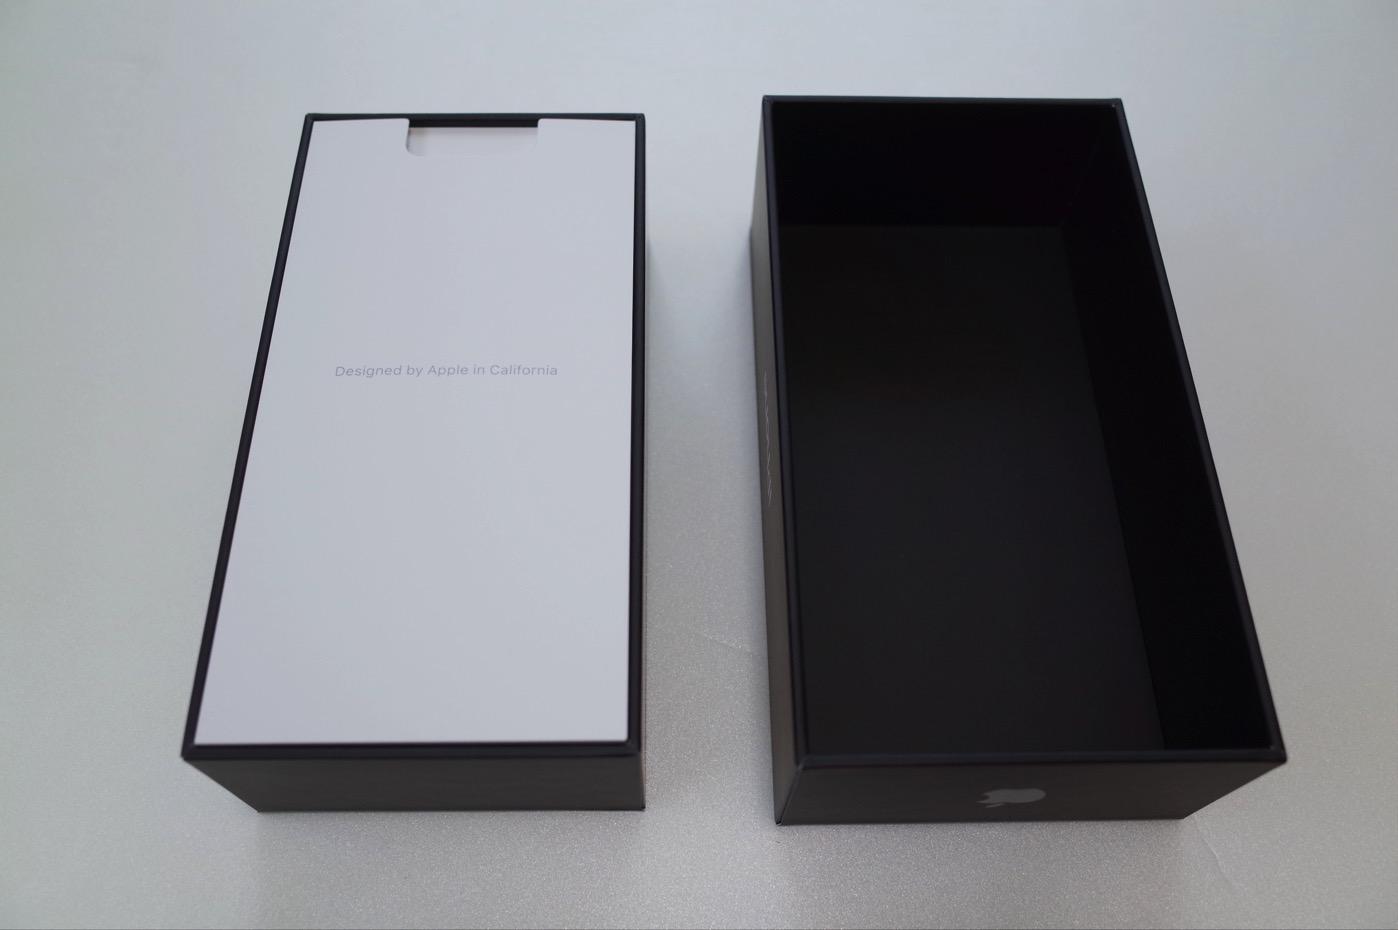 iPhone 7 ジェットブラック 256GB-4